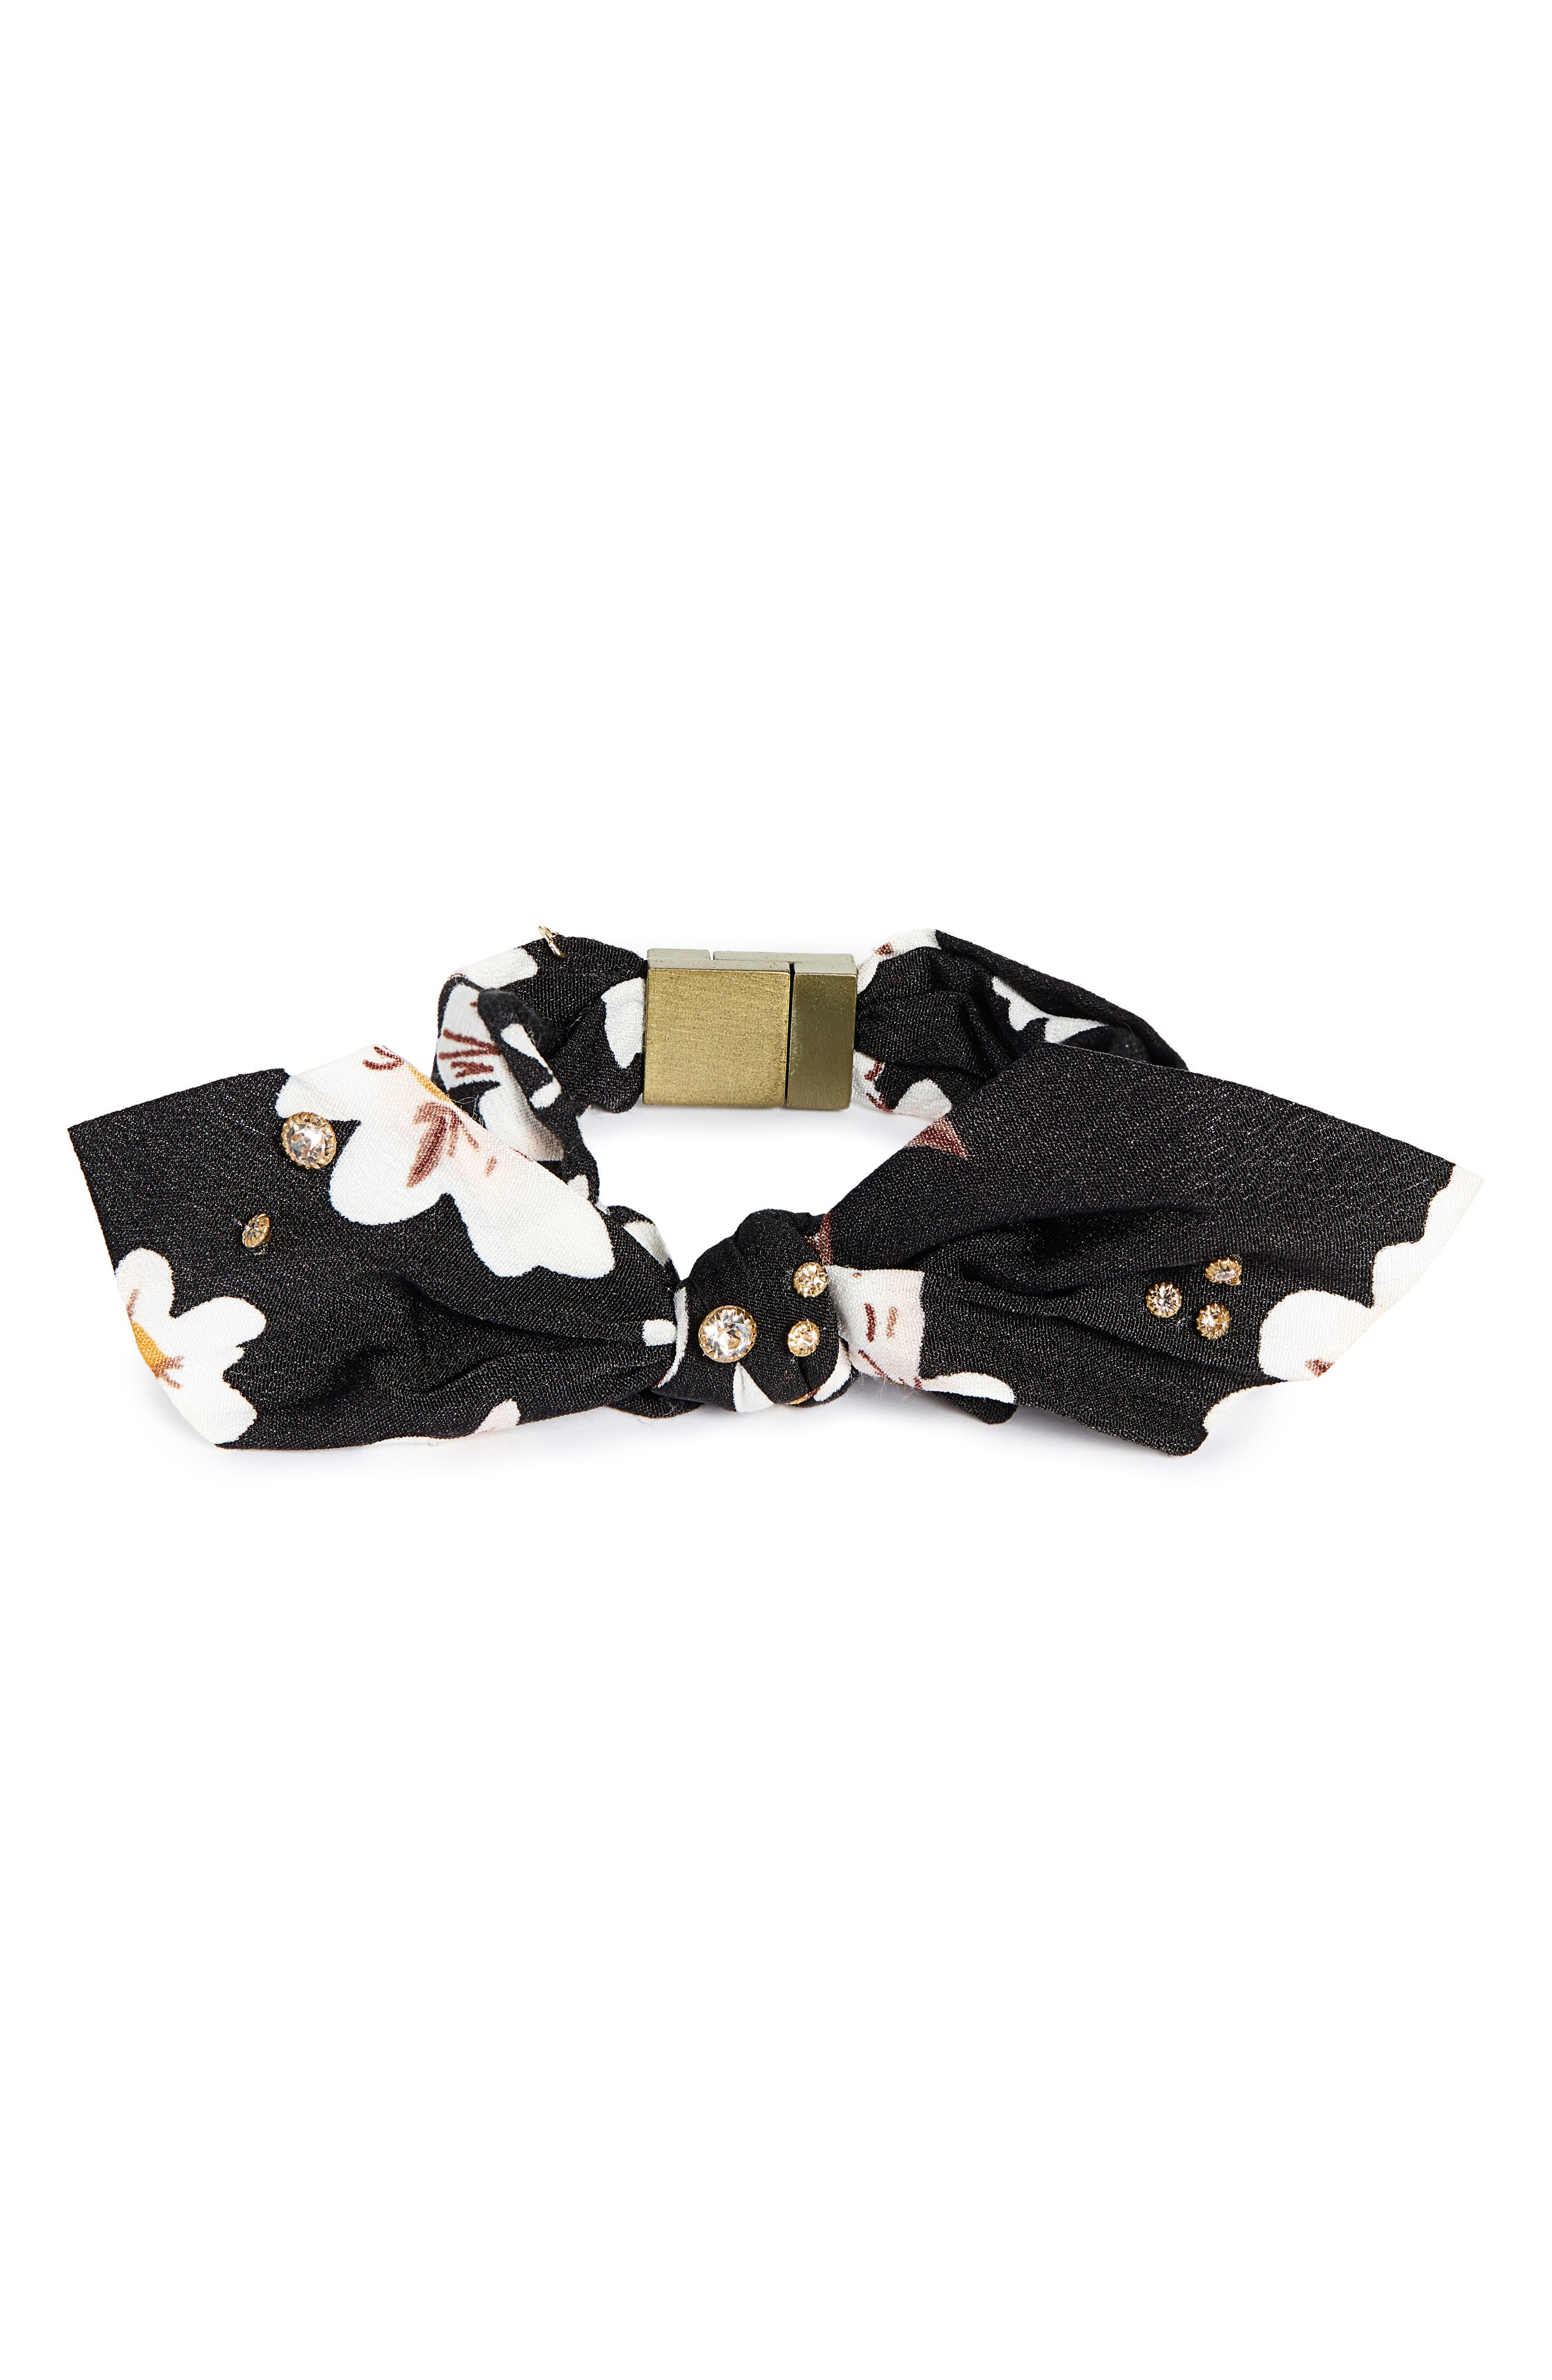 Bow Tie Bracelet,                             Main thumbnail 1, color,                             001